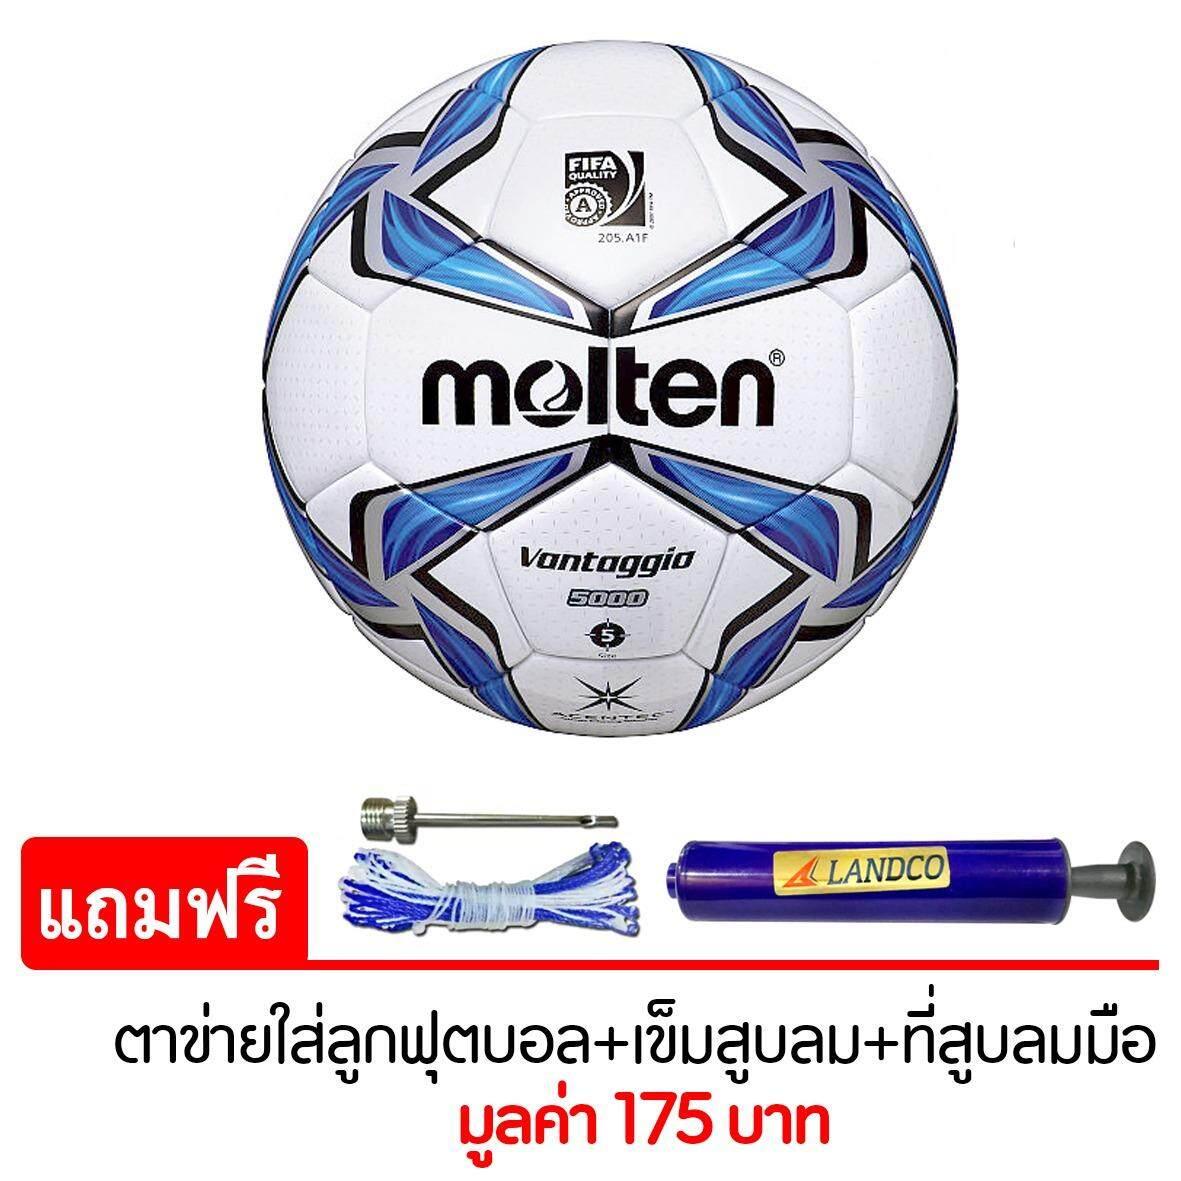 ความคิดเห็น Molten ฟุตบอล Football Mot Pu D F5V5000 Fifa เบอร์5 ใช้ในการแข่งขัน ซีเกมส์ 2017 แถมฟรี ตาข่ายใส่ลูกฟุตบอล เข็มสูบสูบลม สูบมือ Spl รุ่น Sl6 สีน้ำเงิน